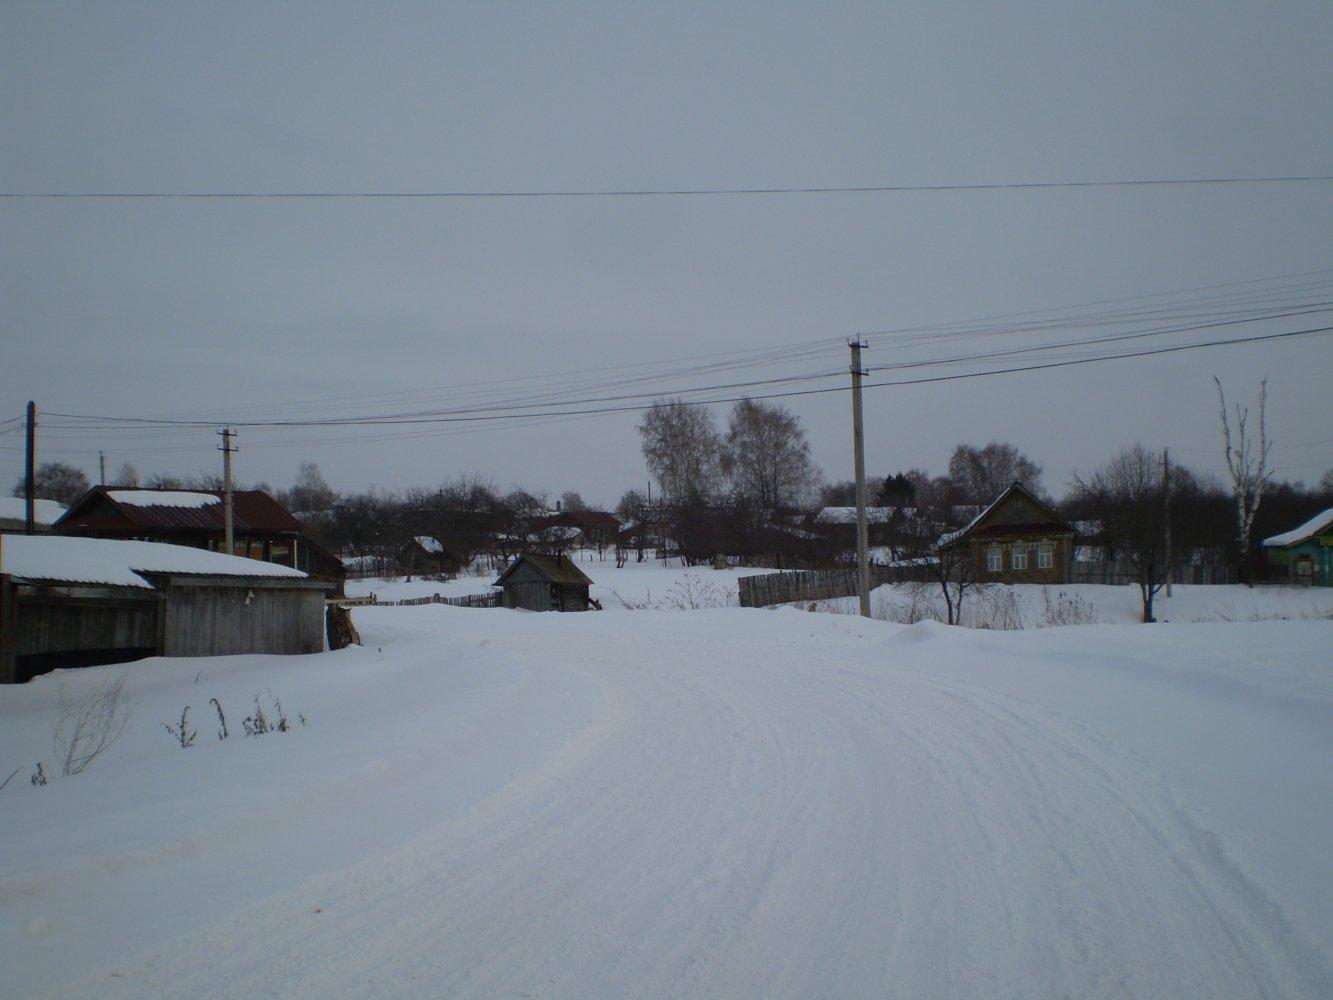 Фото P3200033.JPG. Россия, Нижегородская область, Клин, Unnamed Road